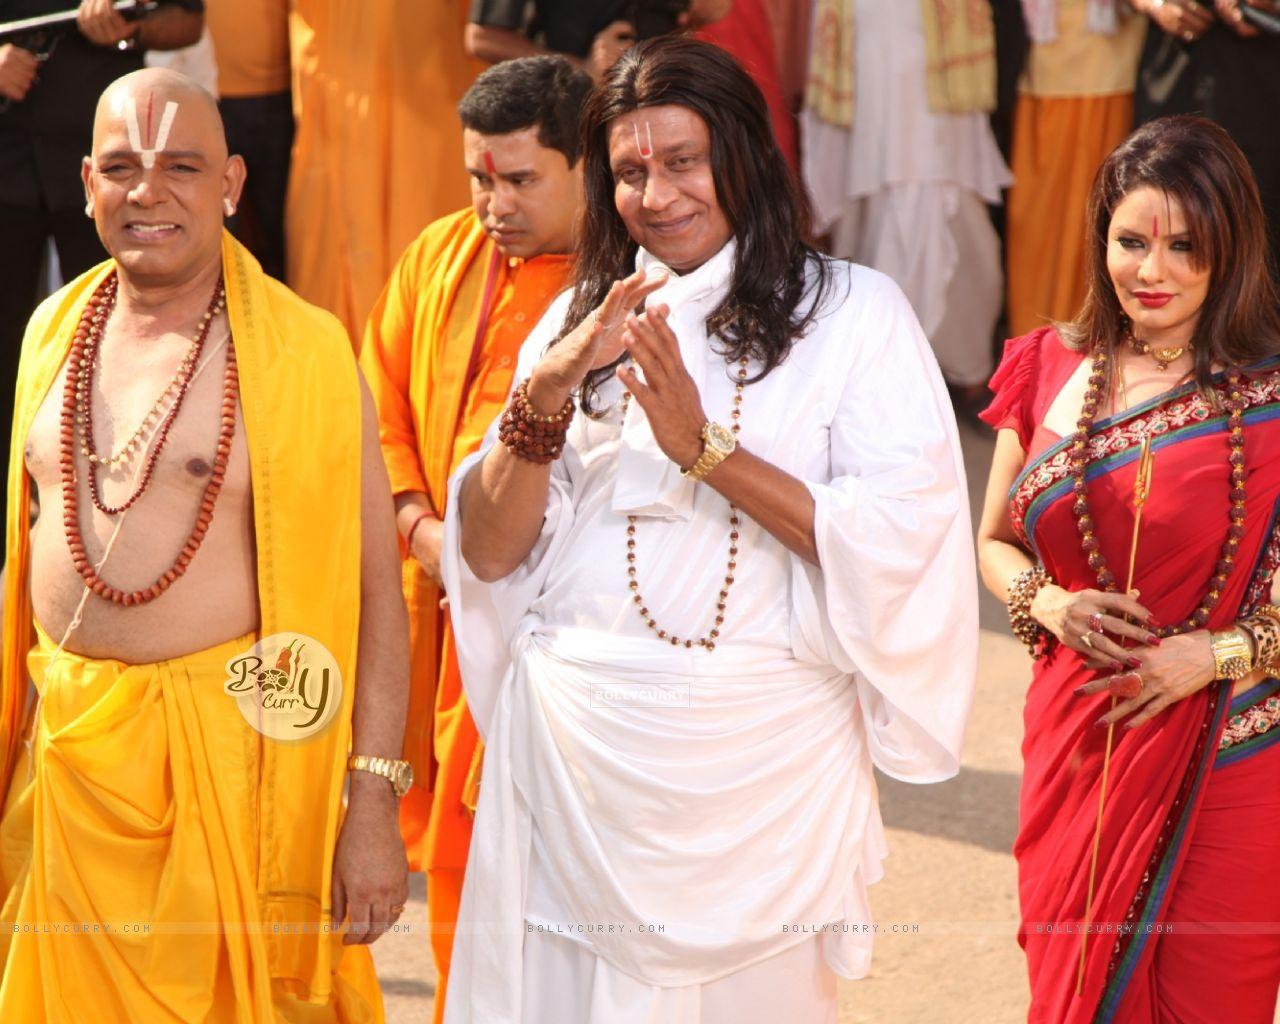 Mithun Chakraborty, Poonam Jhavar & Govind Namdeo playing the stereotypical godmen in OMG! Oh My God (223275) size:1280x1024